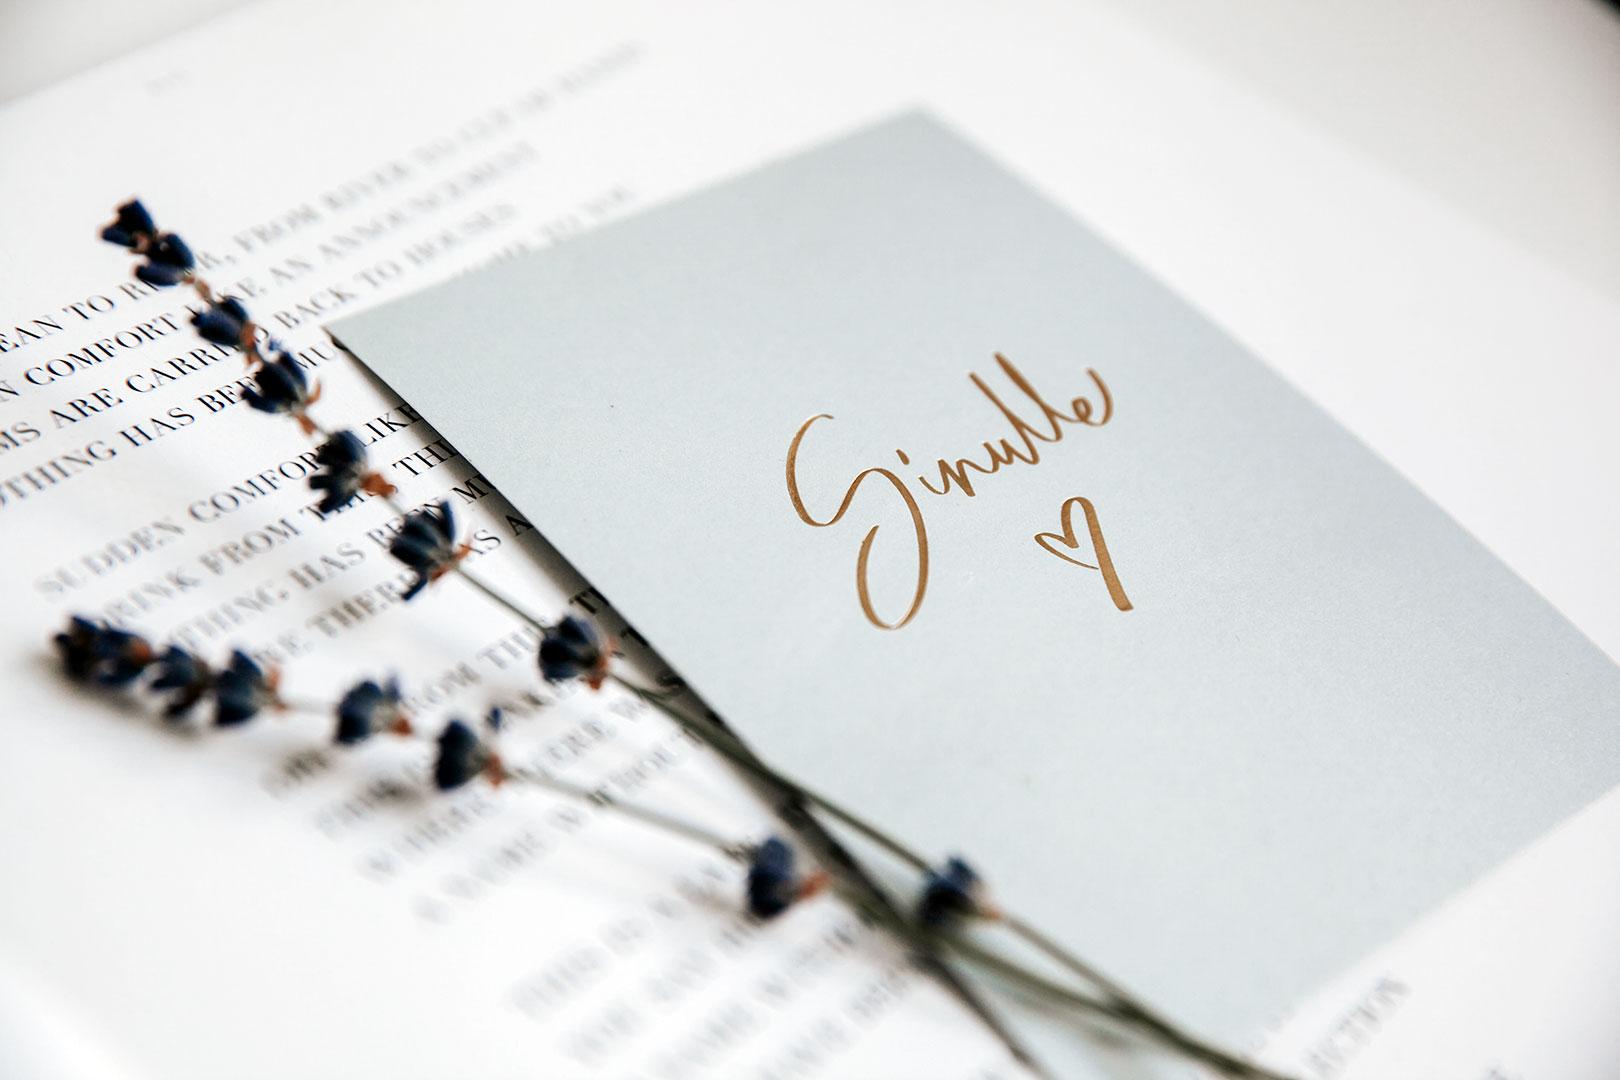 postikortti sinulle